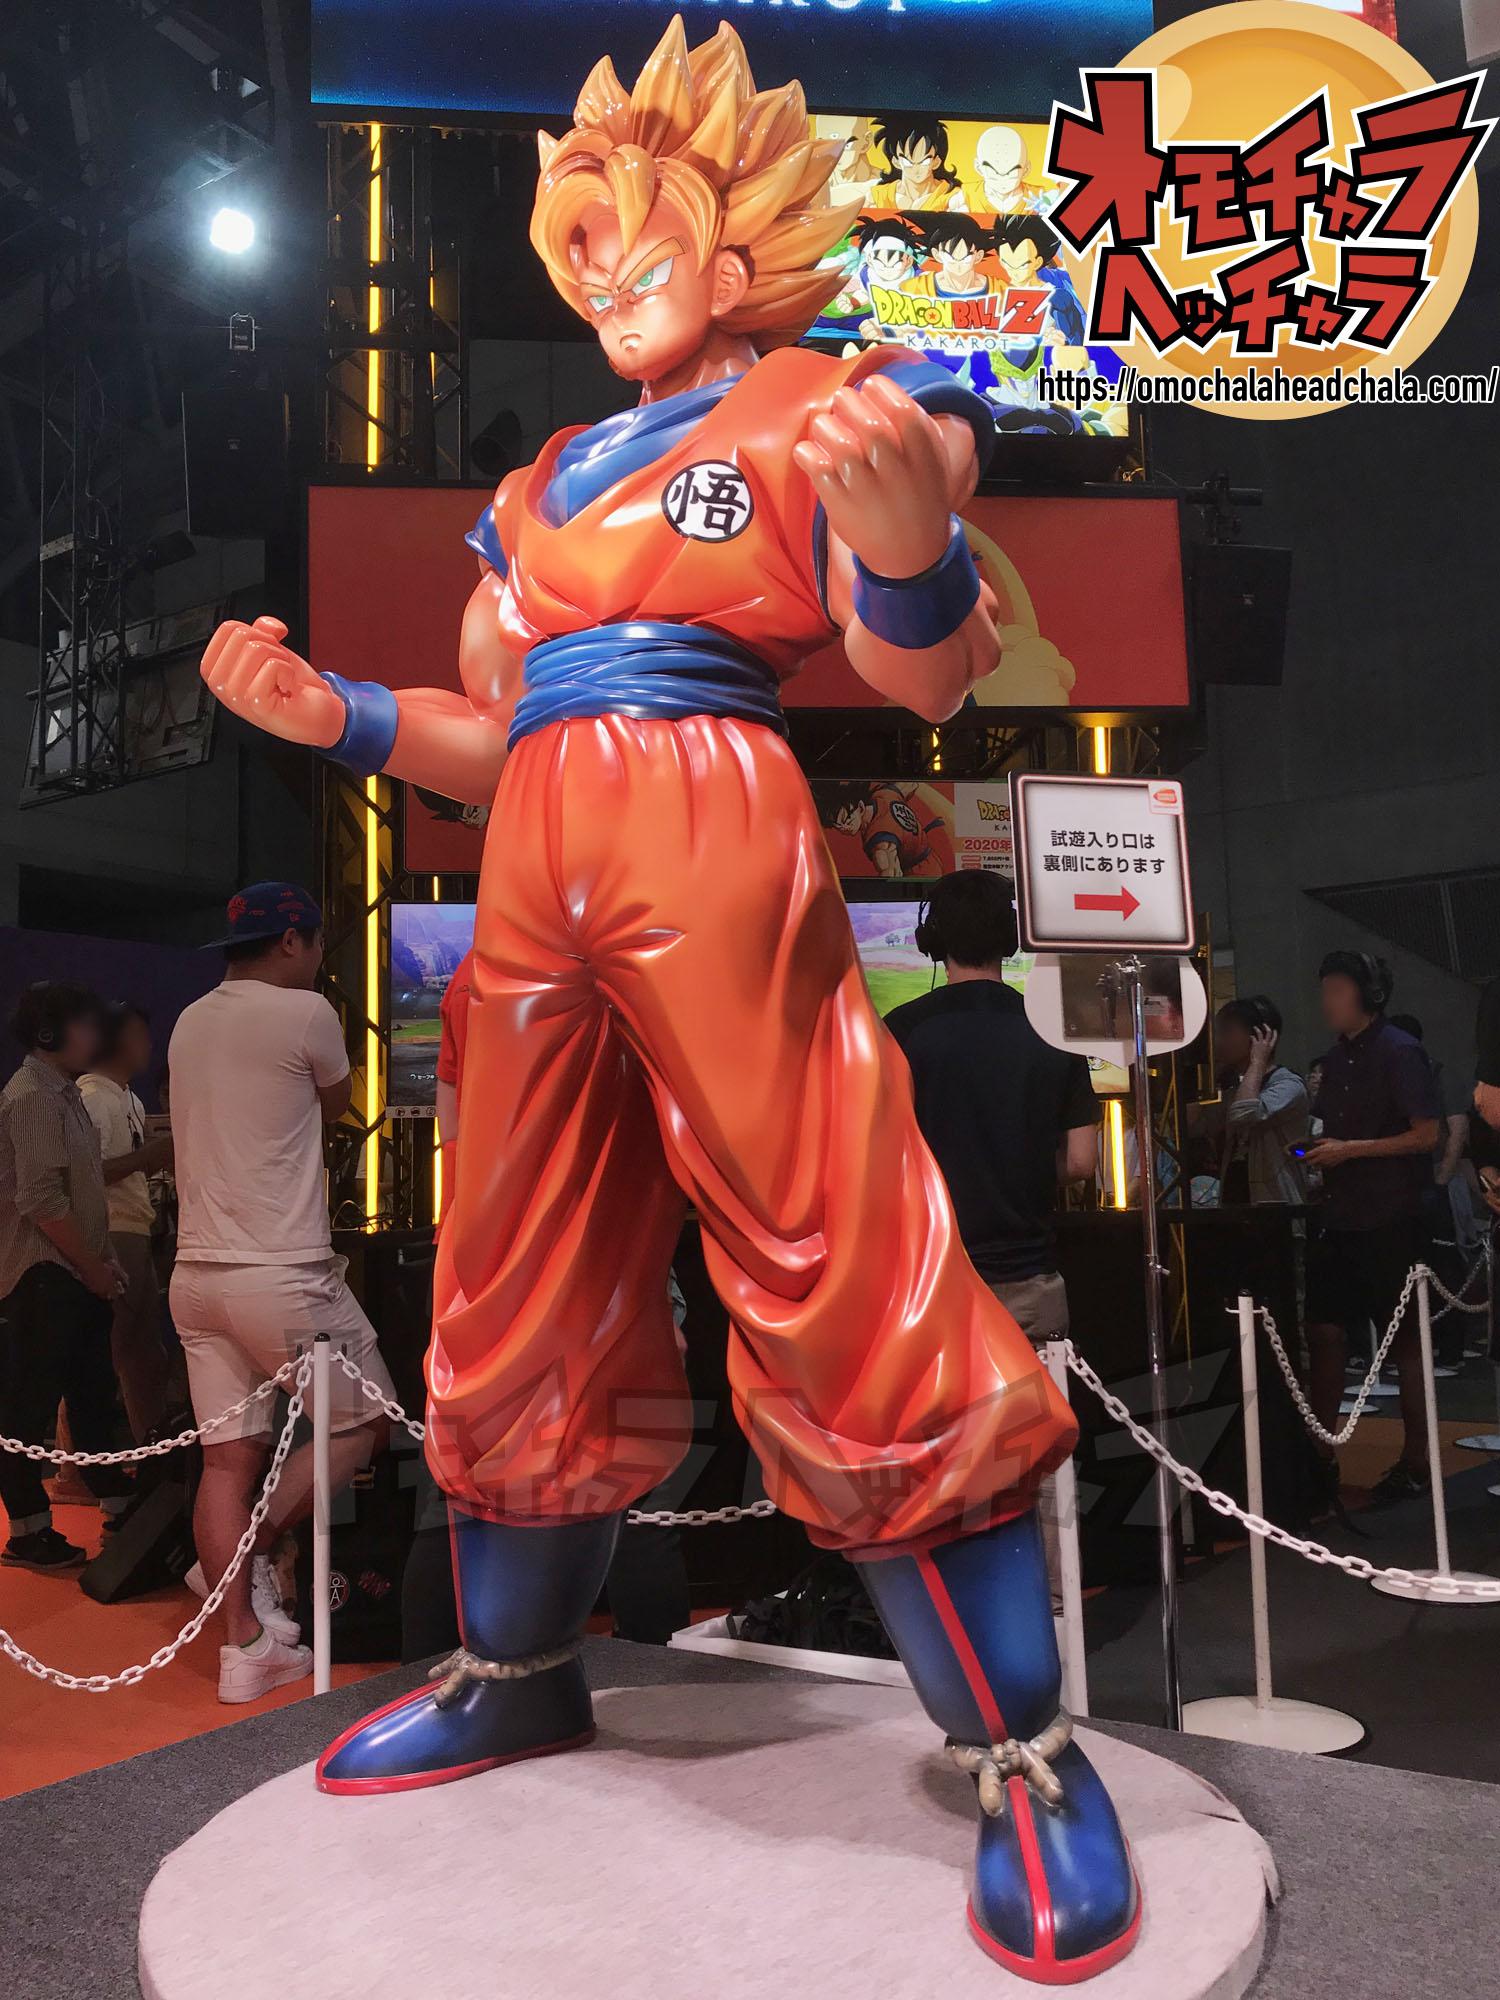 ドラゴンボールブログの超サイヤ人孫悟空の展示用等身大(特大)フィギュア